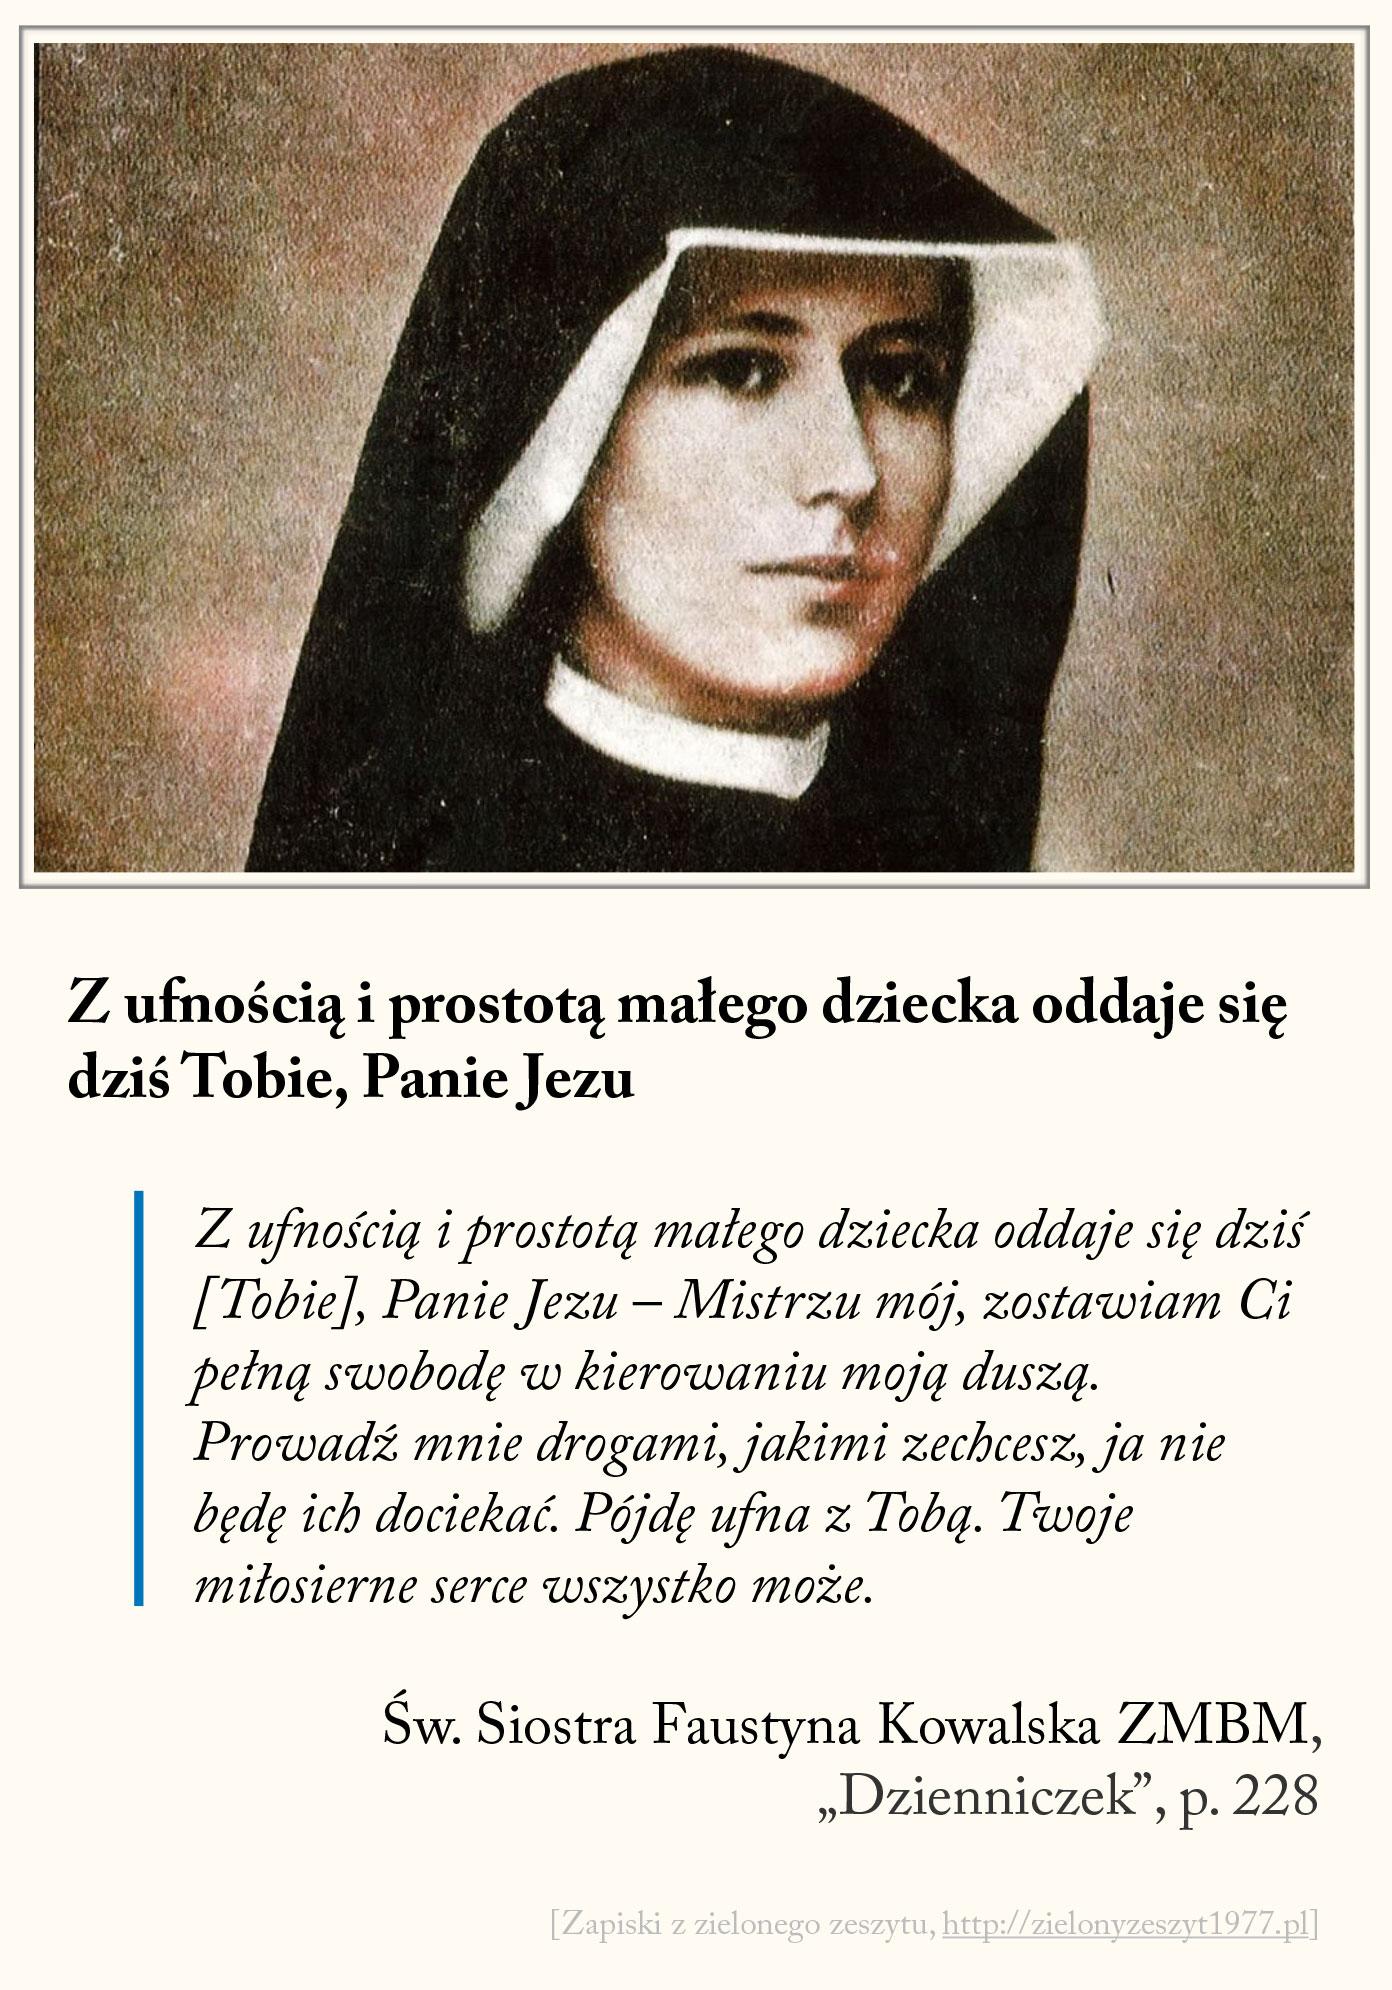 Z ufnością i prostotą małego dziecka oddaje się dziś Tobie Panie Jezu, św. Faustyna Kowalska